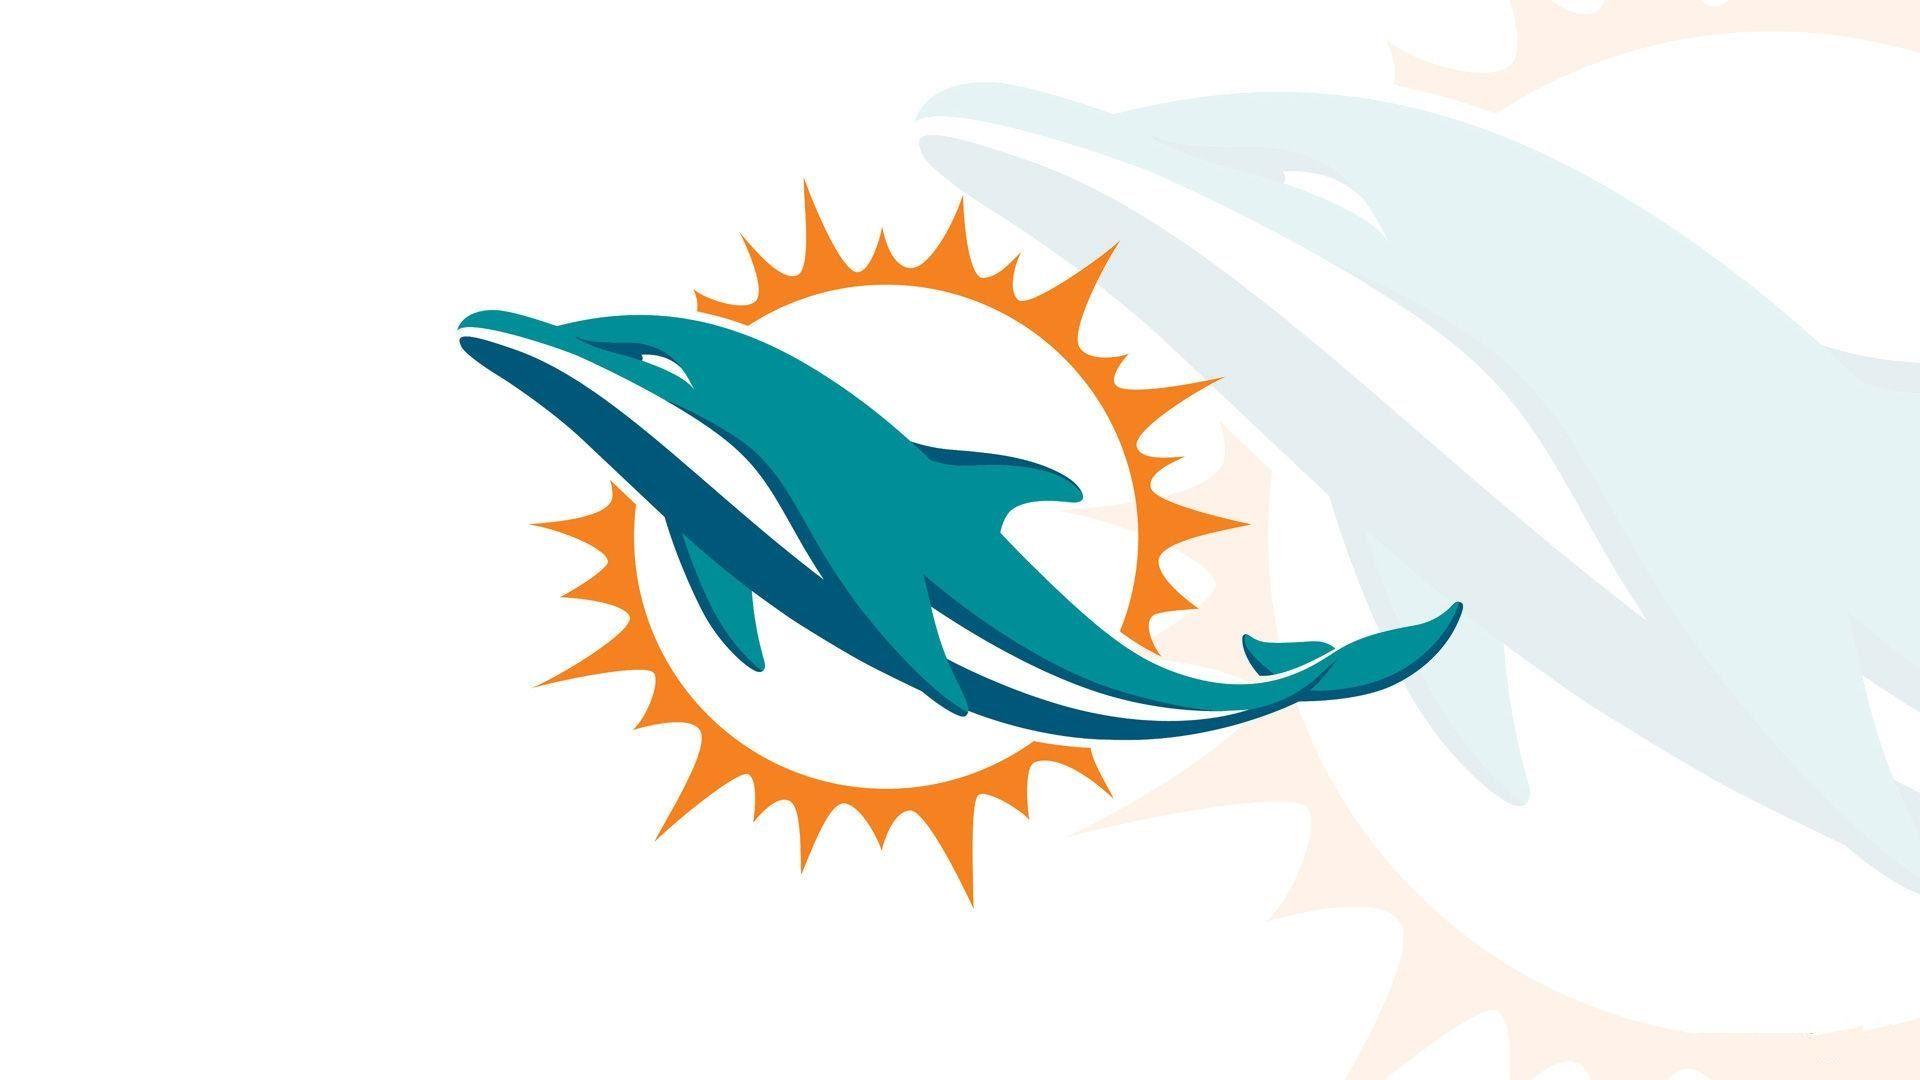 Dwnload Miami Dolphins Logo Wallpaper Miami Dolphins Logo Dolphins Logo Miami Dolphins Wallpaper